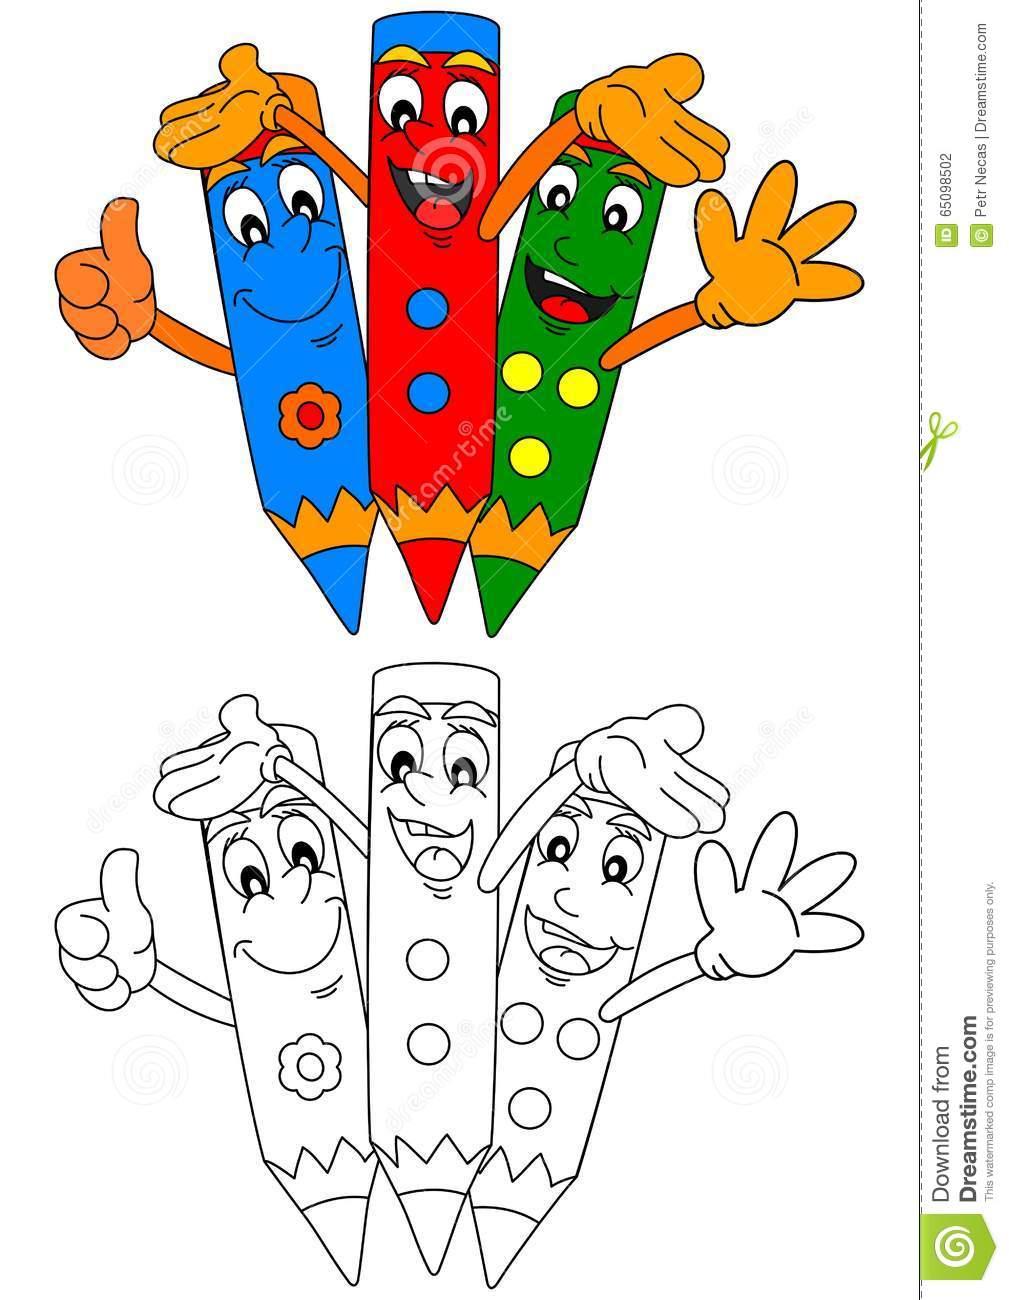 Clipart da colorare per bambini 20 free cliparts for Immagini di clown da colorare